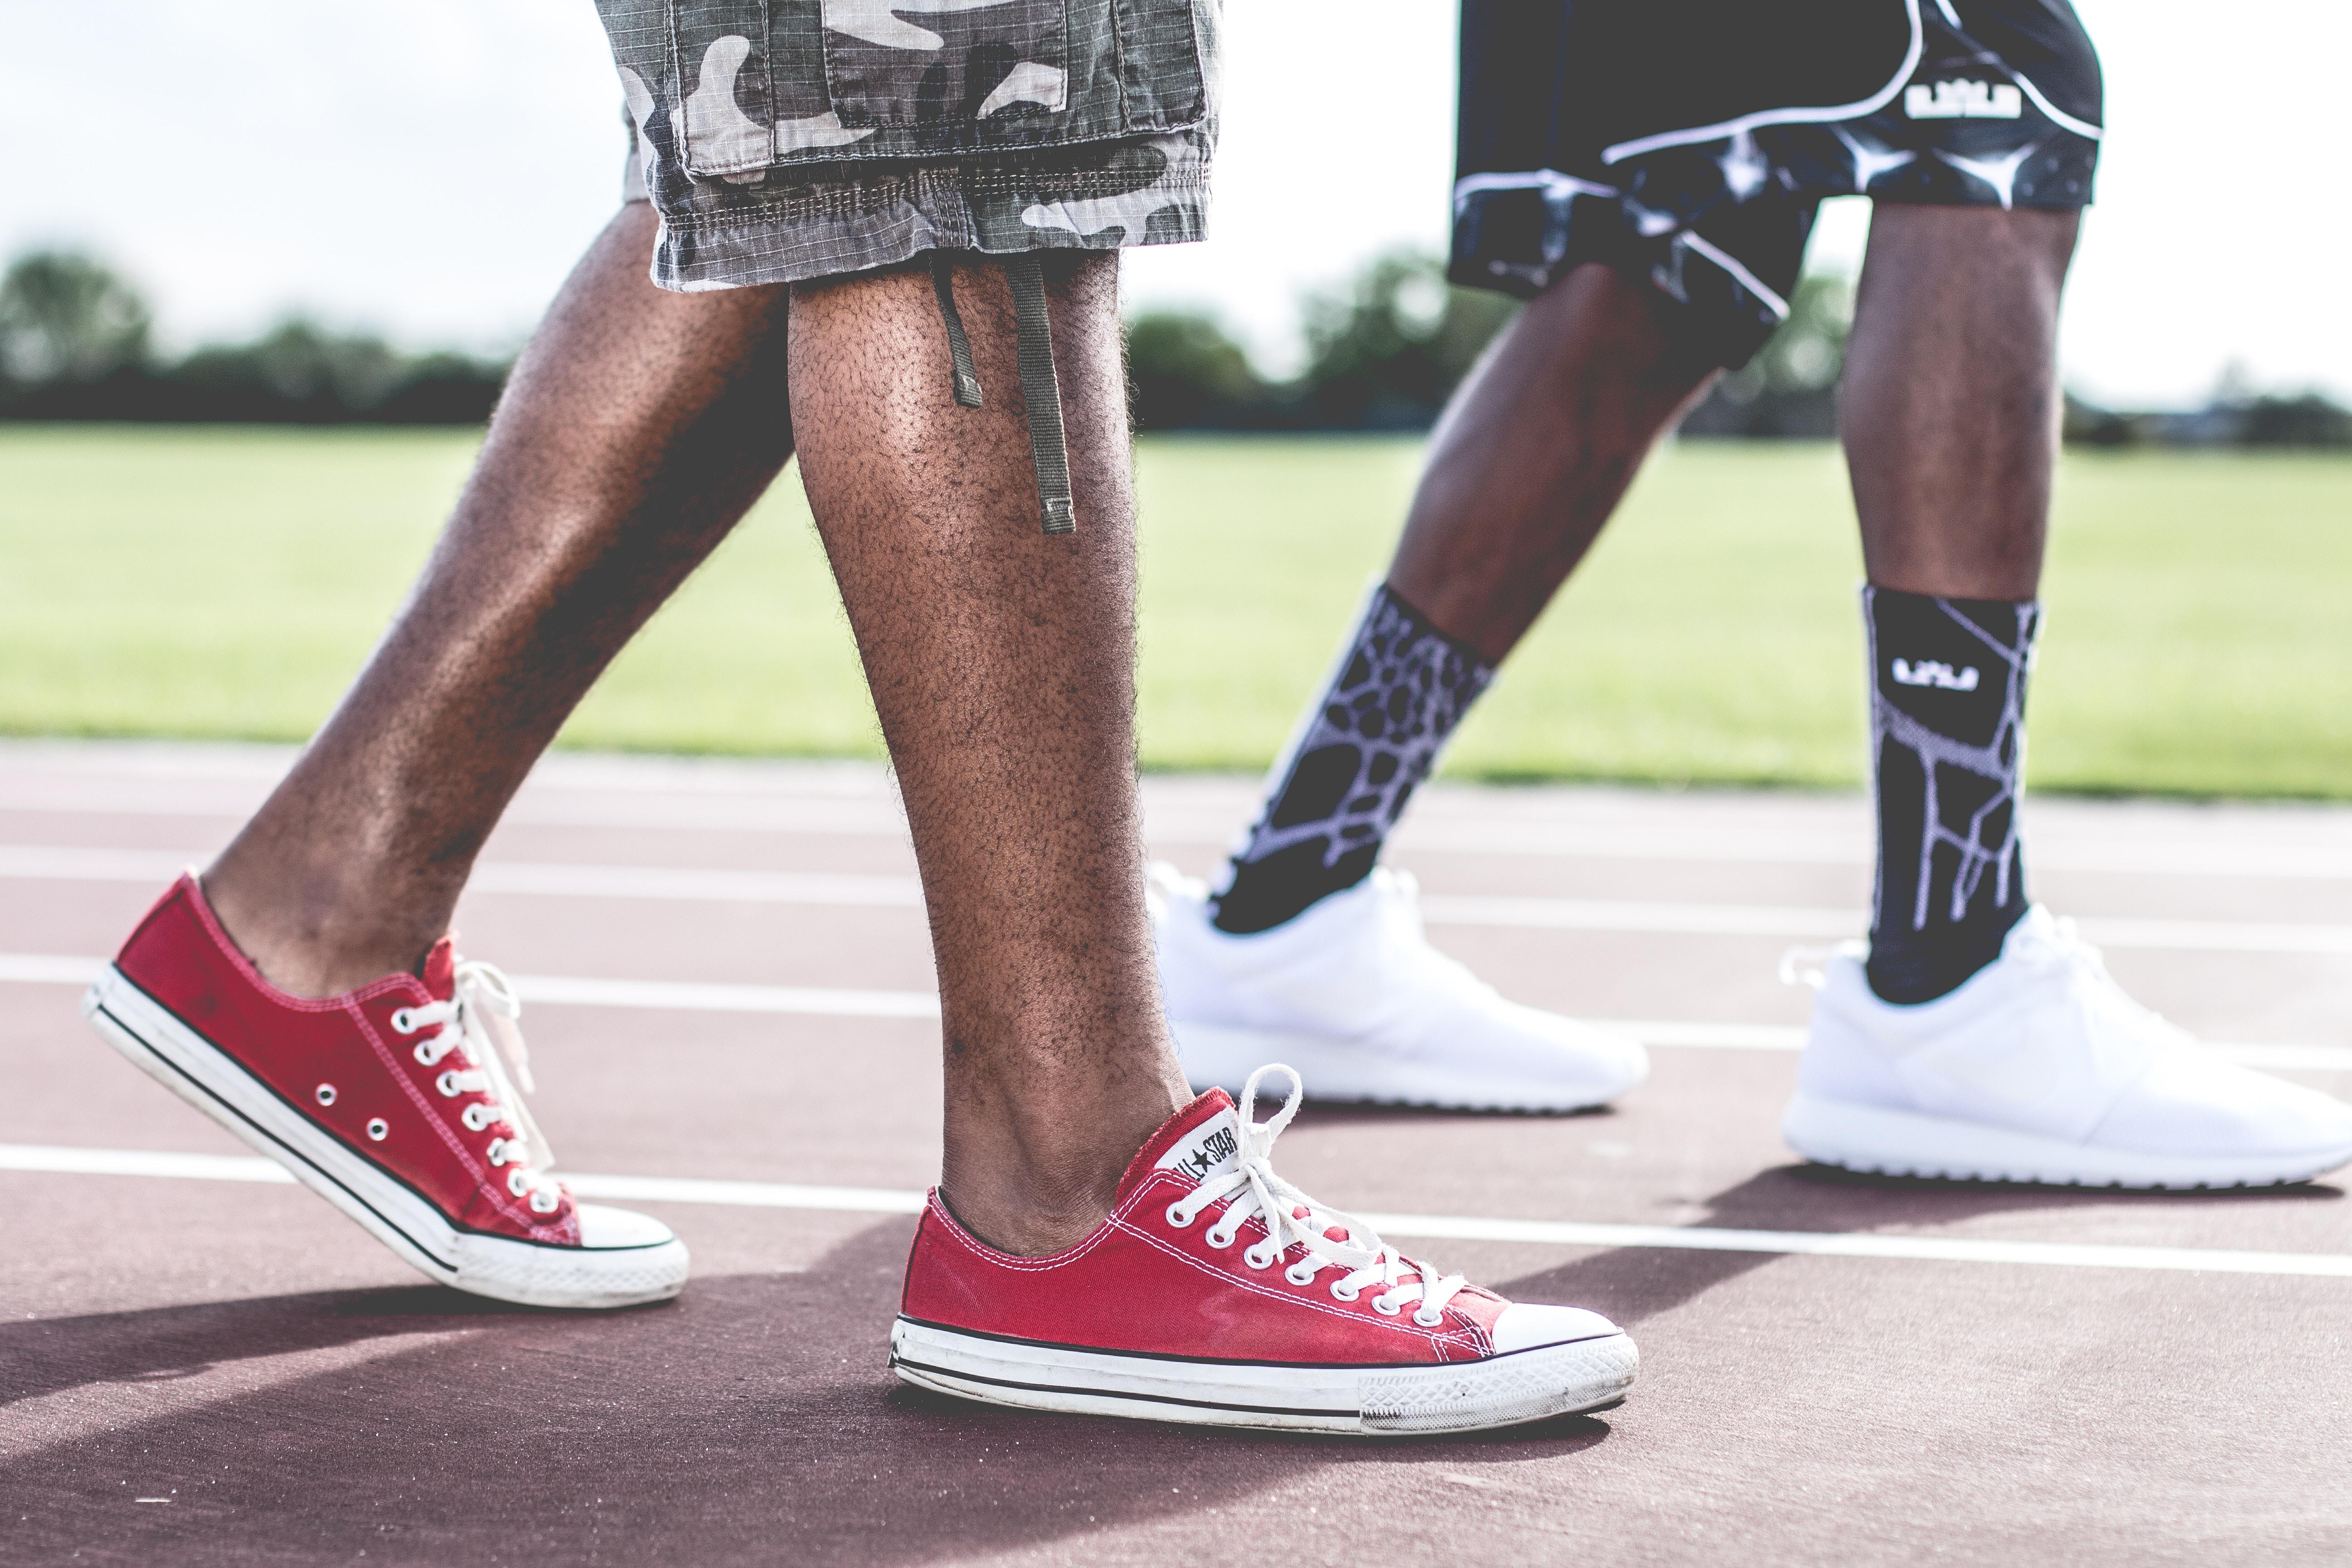 前脛骨筋の特徴と作用【効果的な筋トレとストレッチ方法】歩く、走る時に働く筋肉